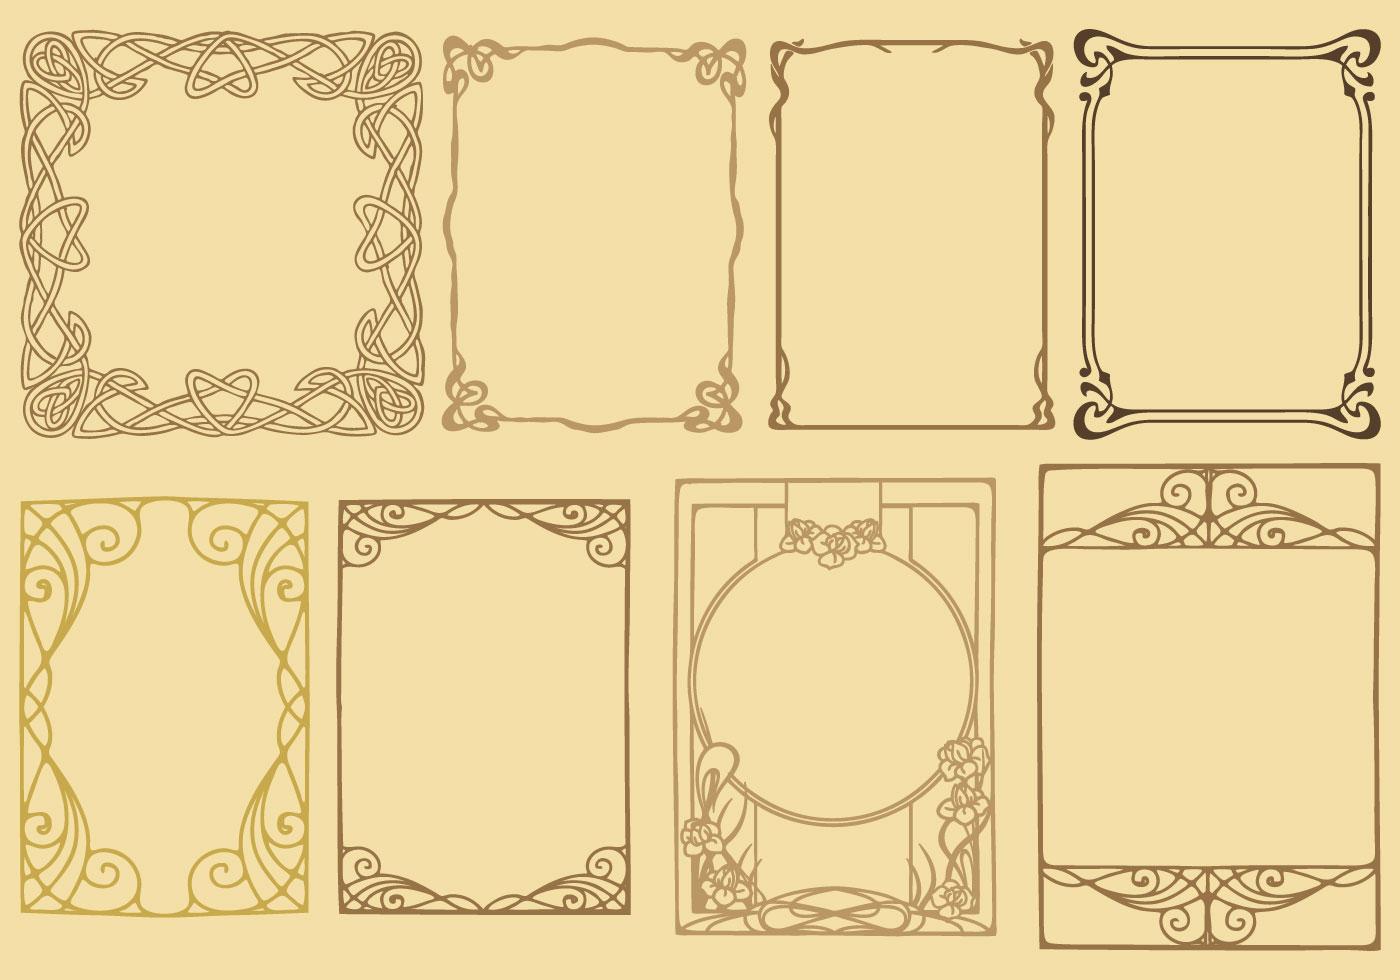 Decorative frames set download free vector art stock graphics - Art Nouveau Frame Vectors Download Free Vector Art